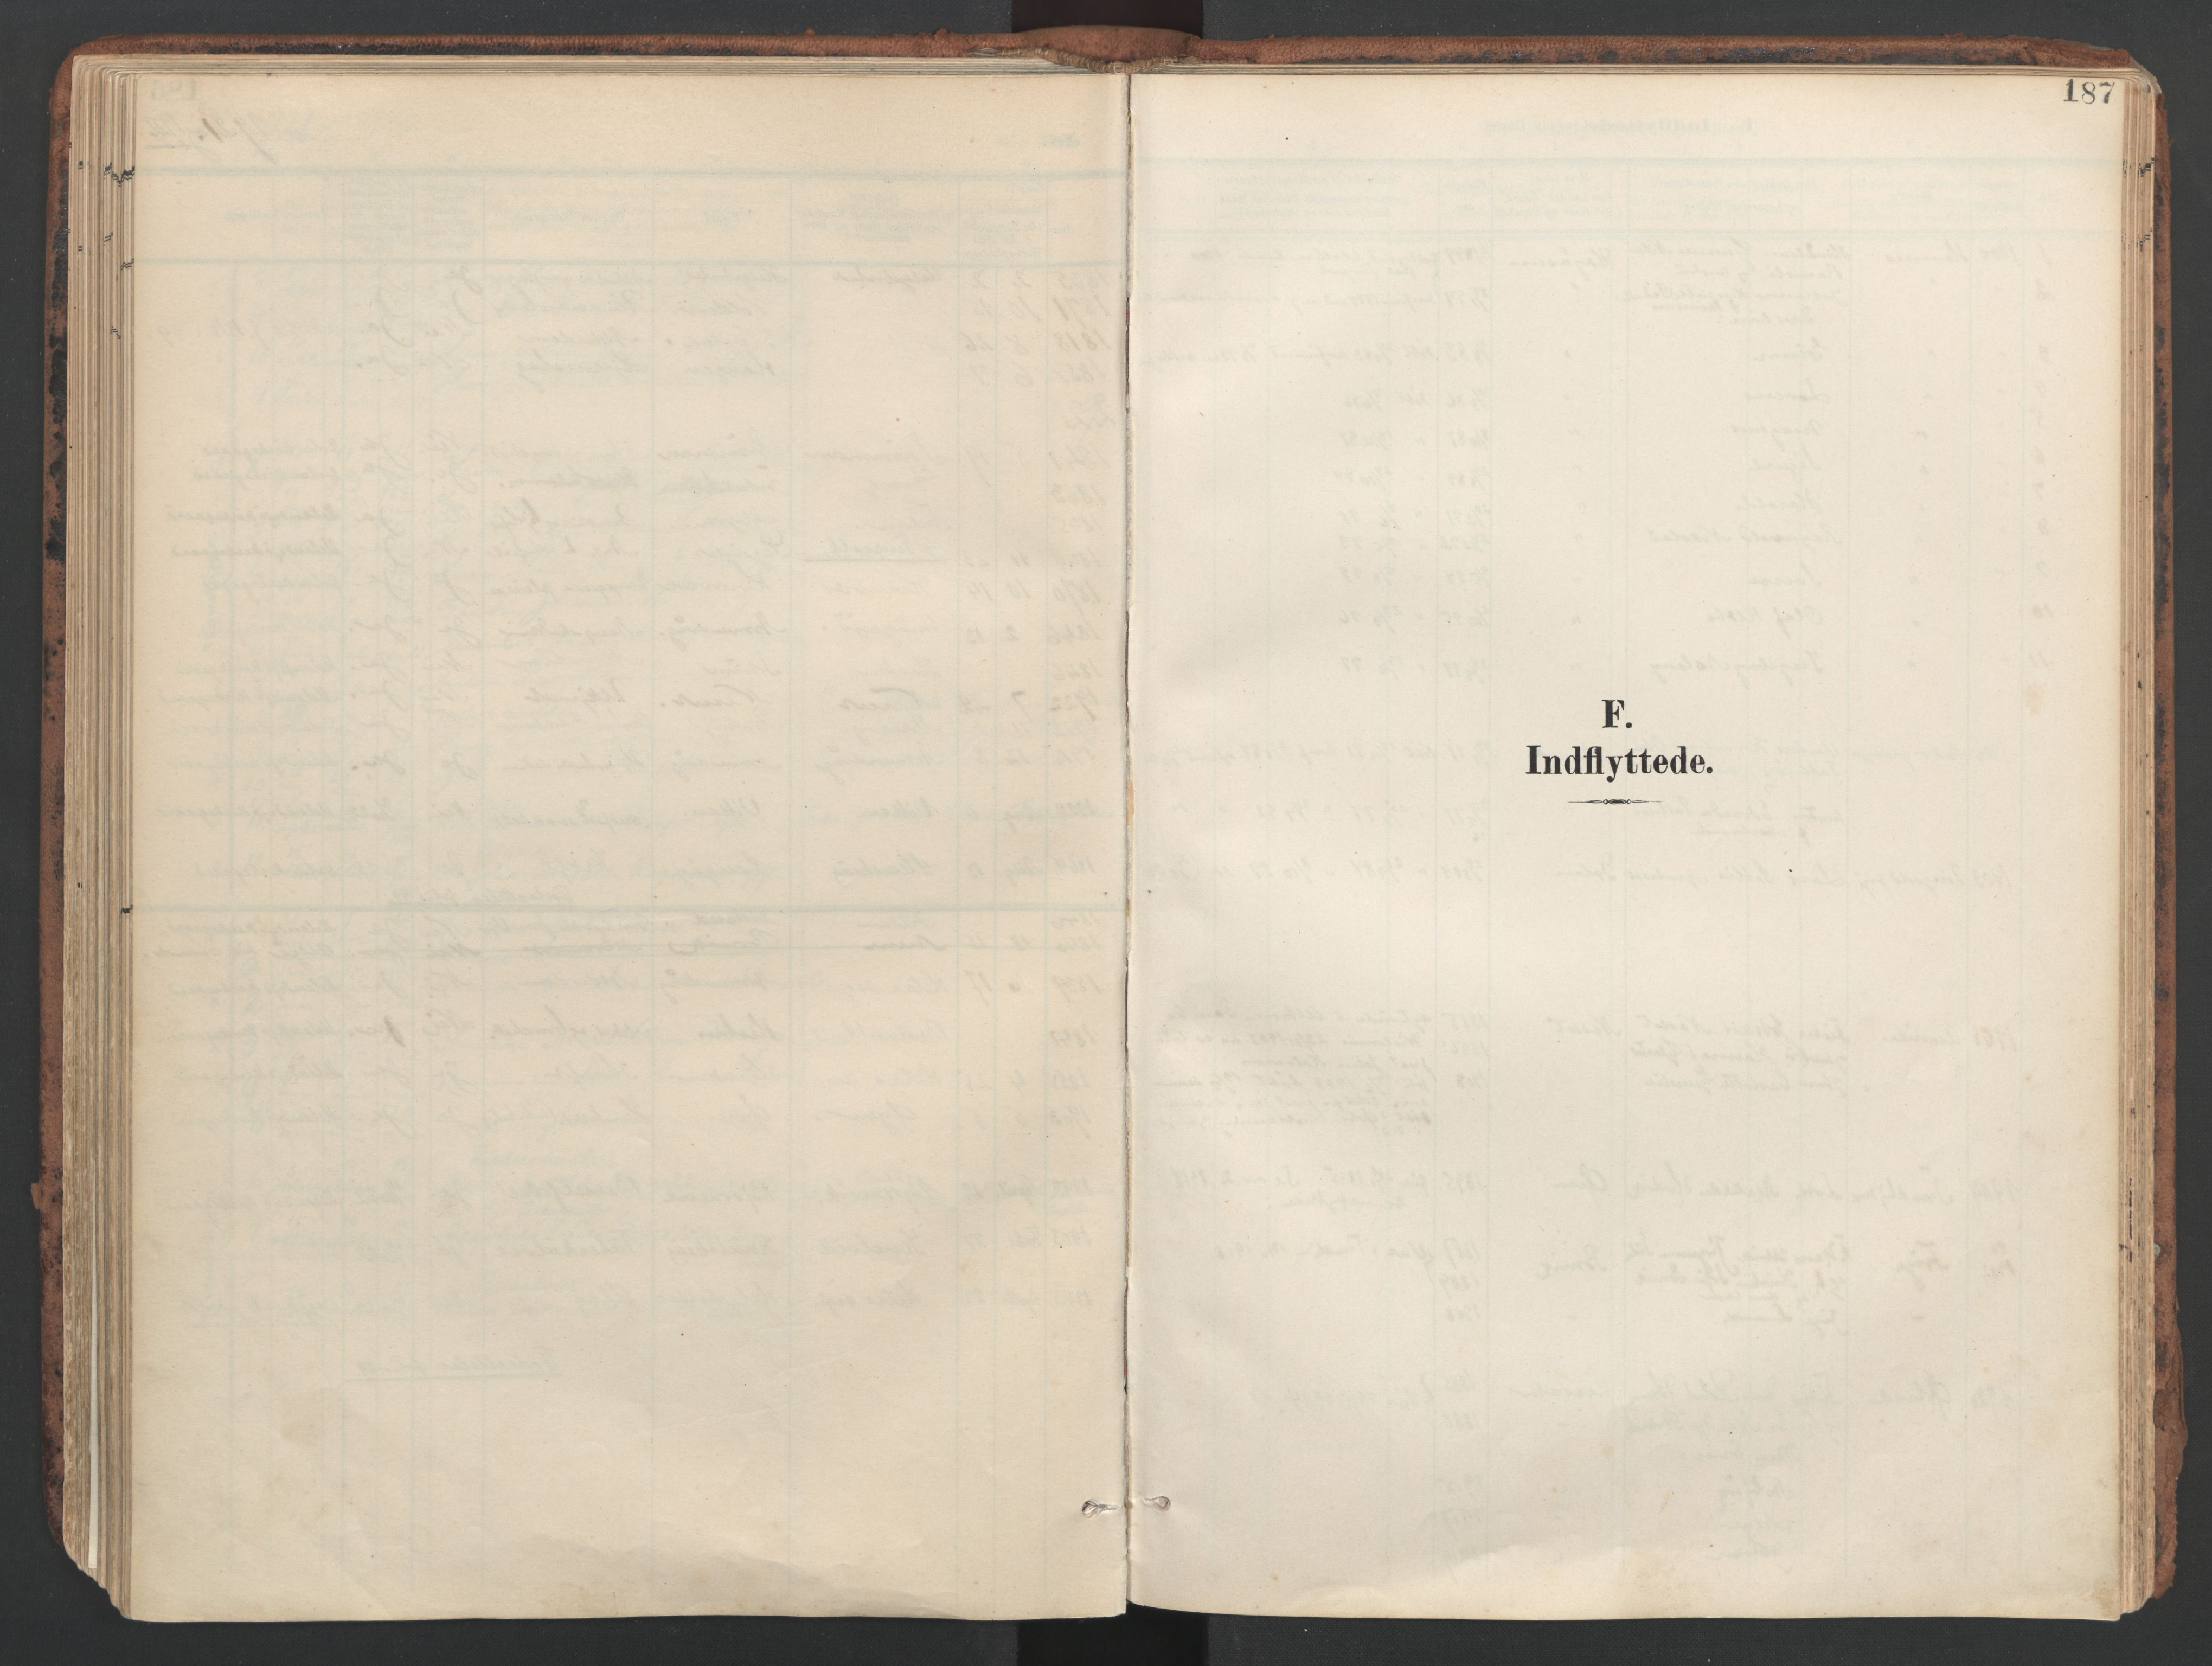 SAT, Ministerialprotokoller, klokkerbøker og fødselsregistre - Sør-Trøndelag, 634/L0537: Ministerialbok nr. 634A13, 1896-1922, s. 187